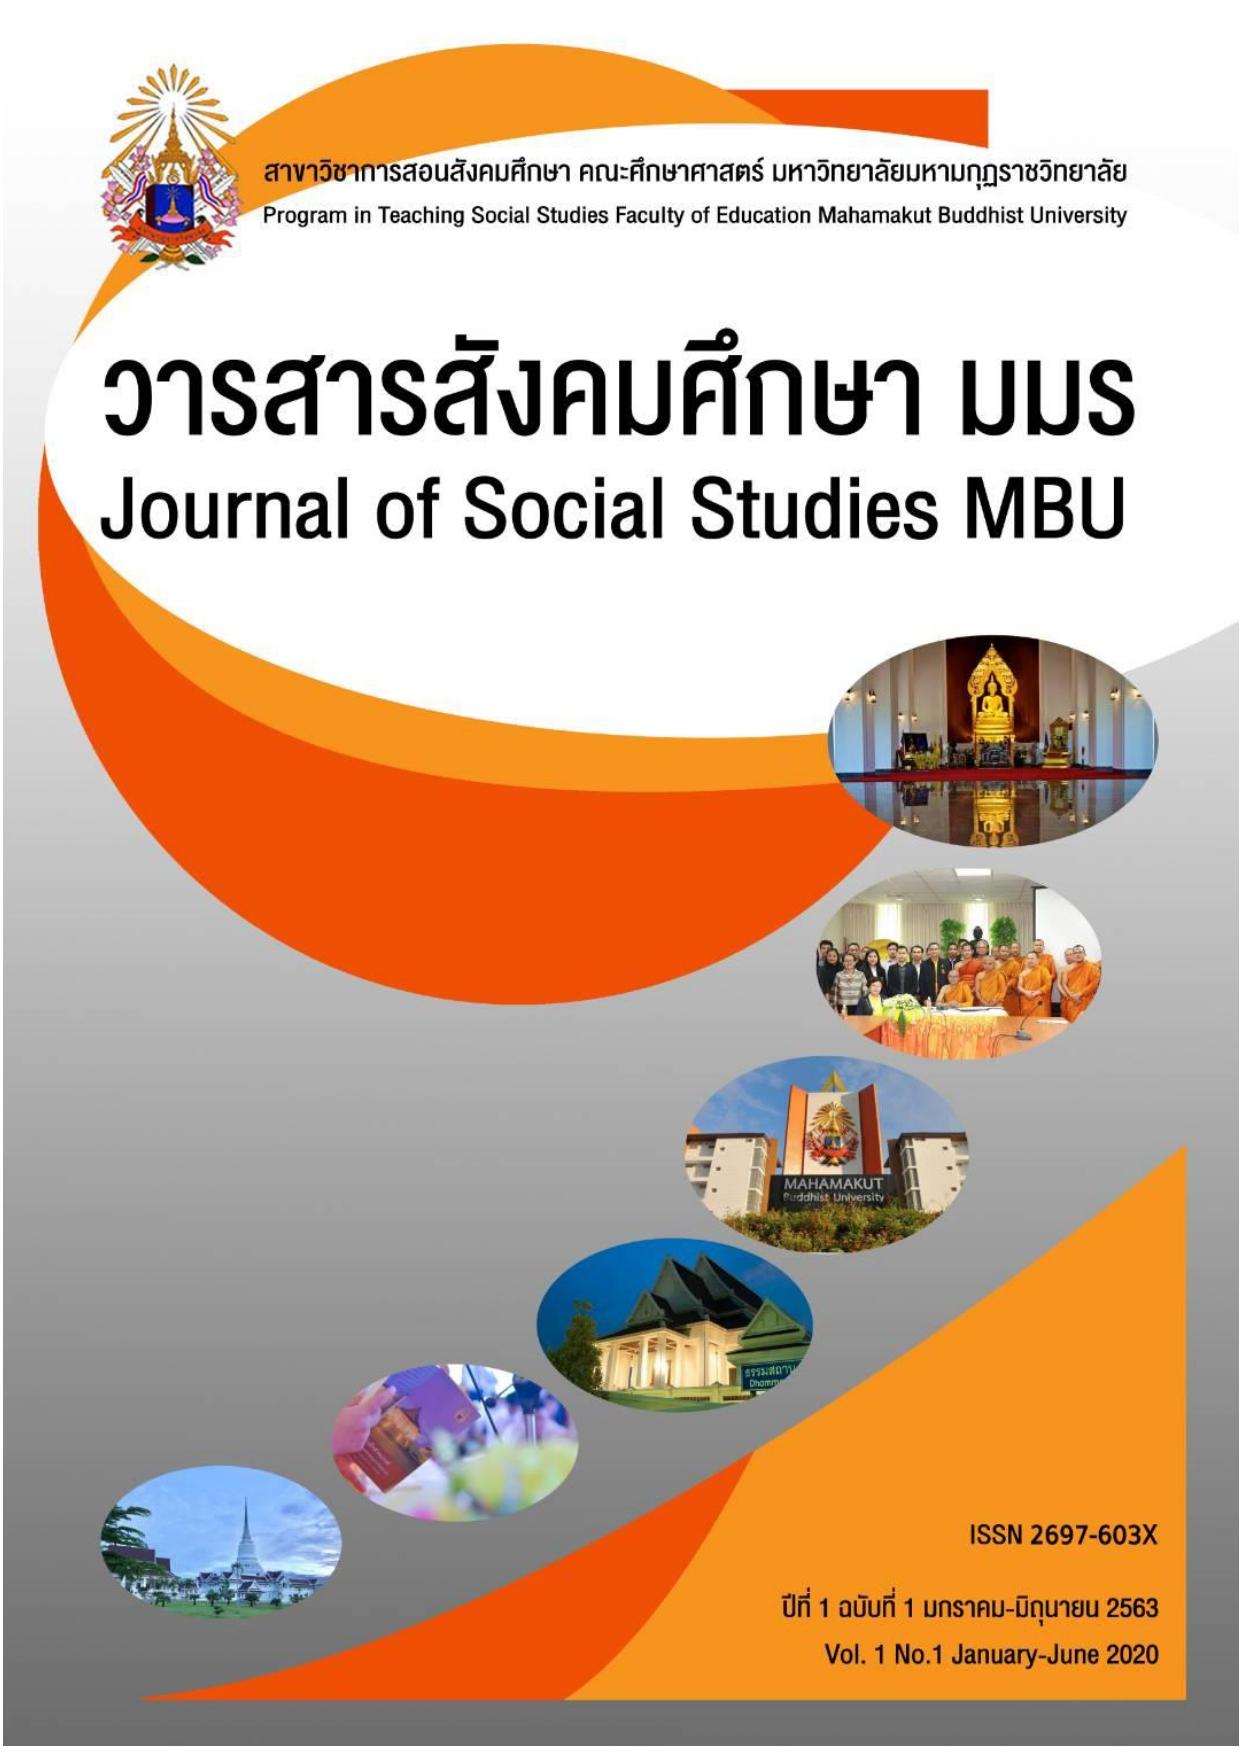 วารสารสังคมศึกษา  มมร